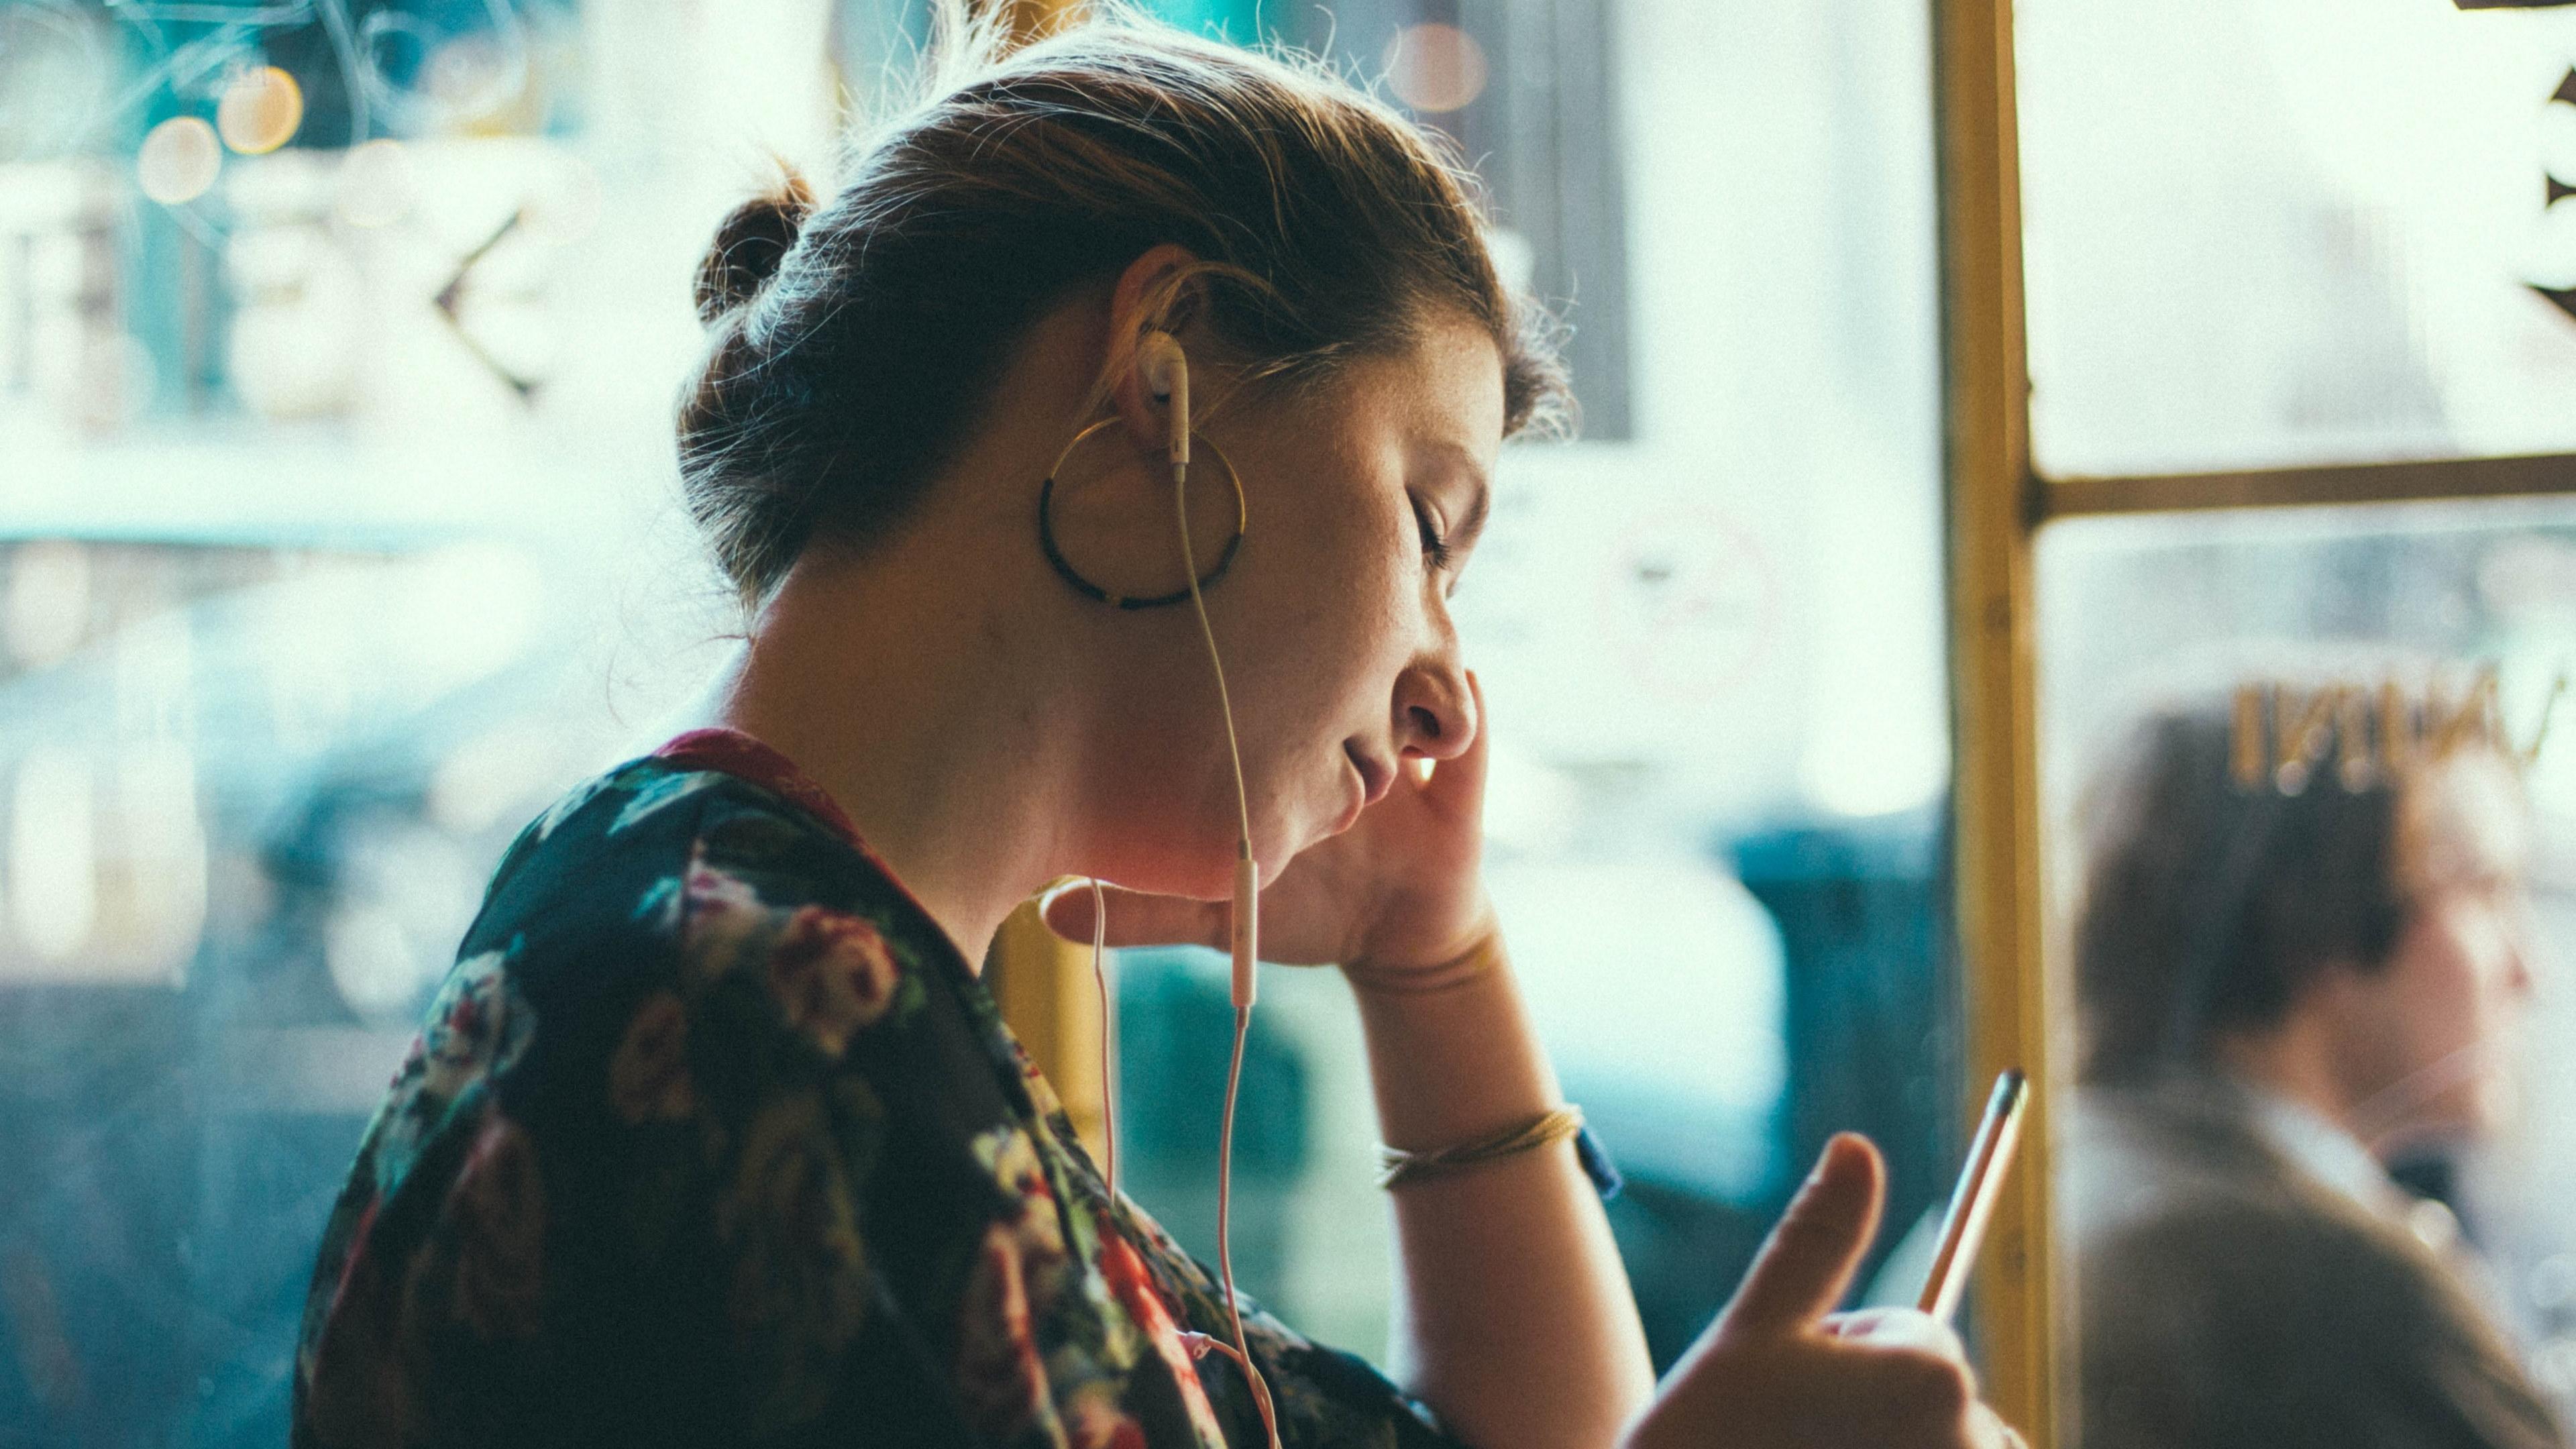 С чувством одиночества предложили бороться шумом